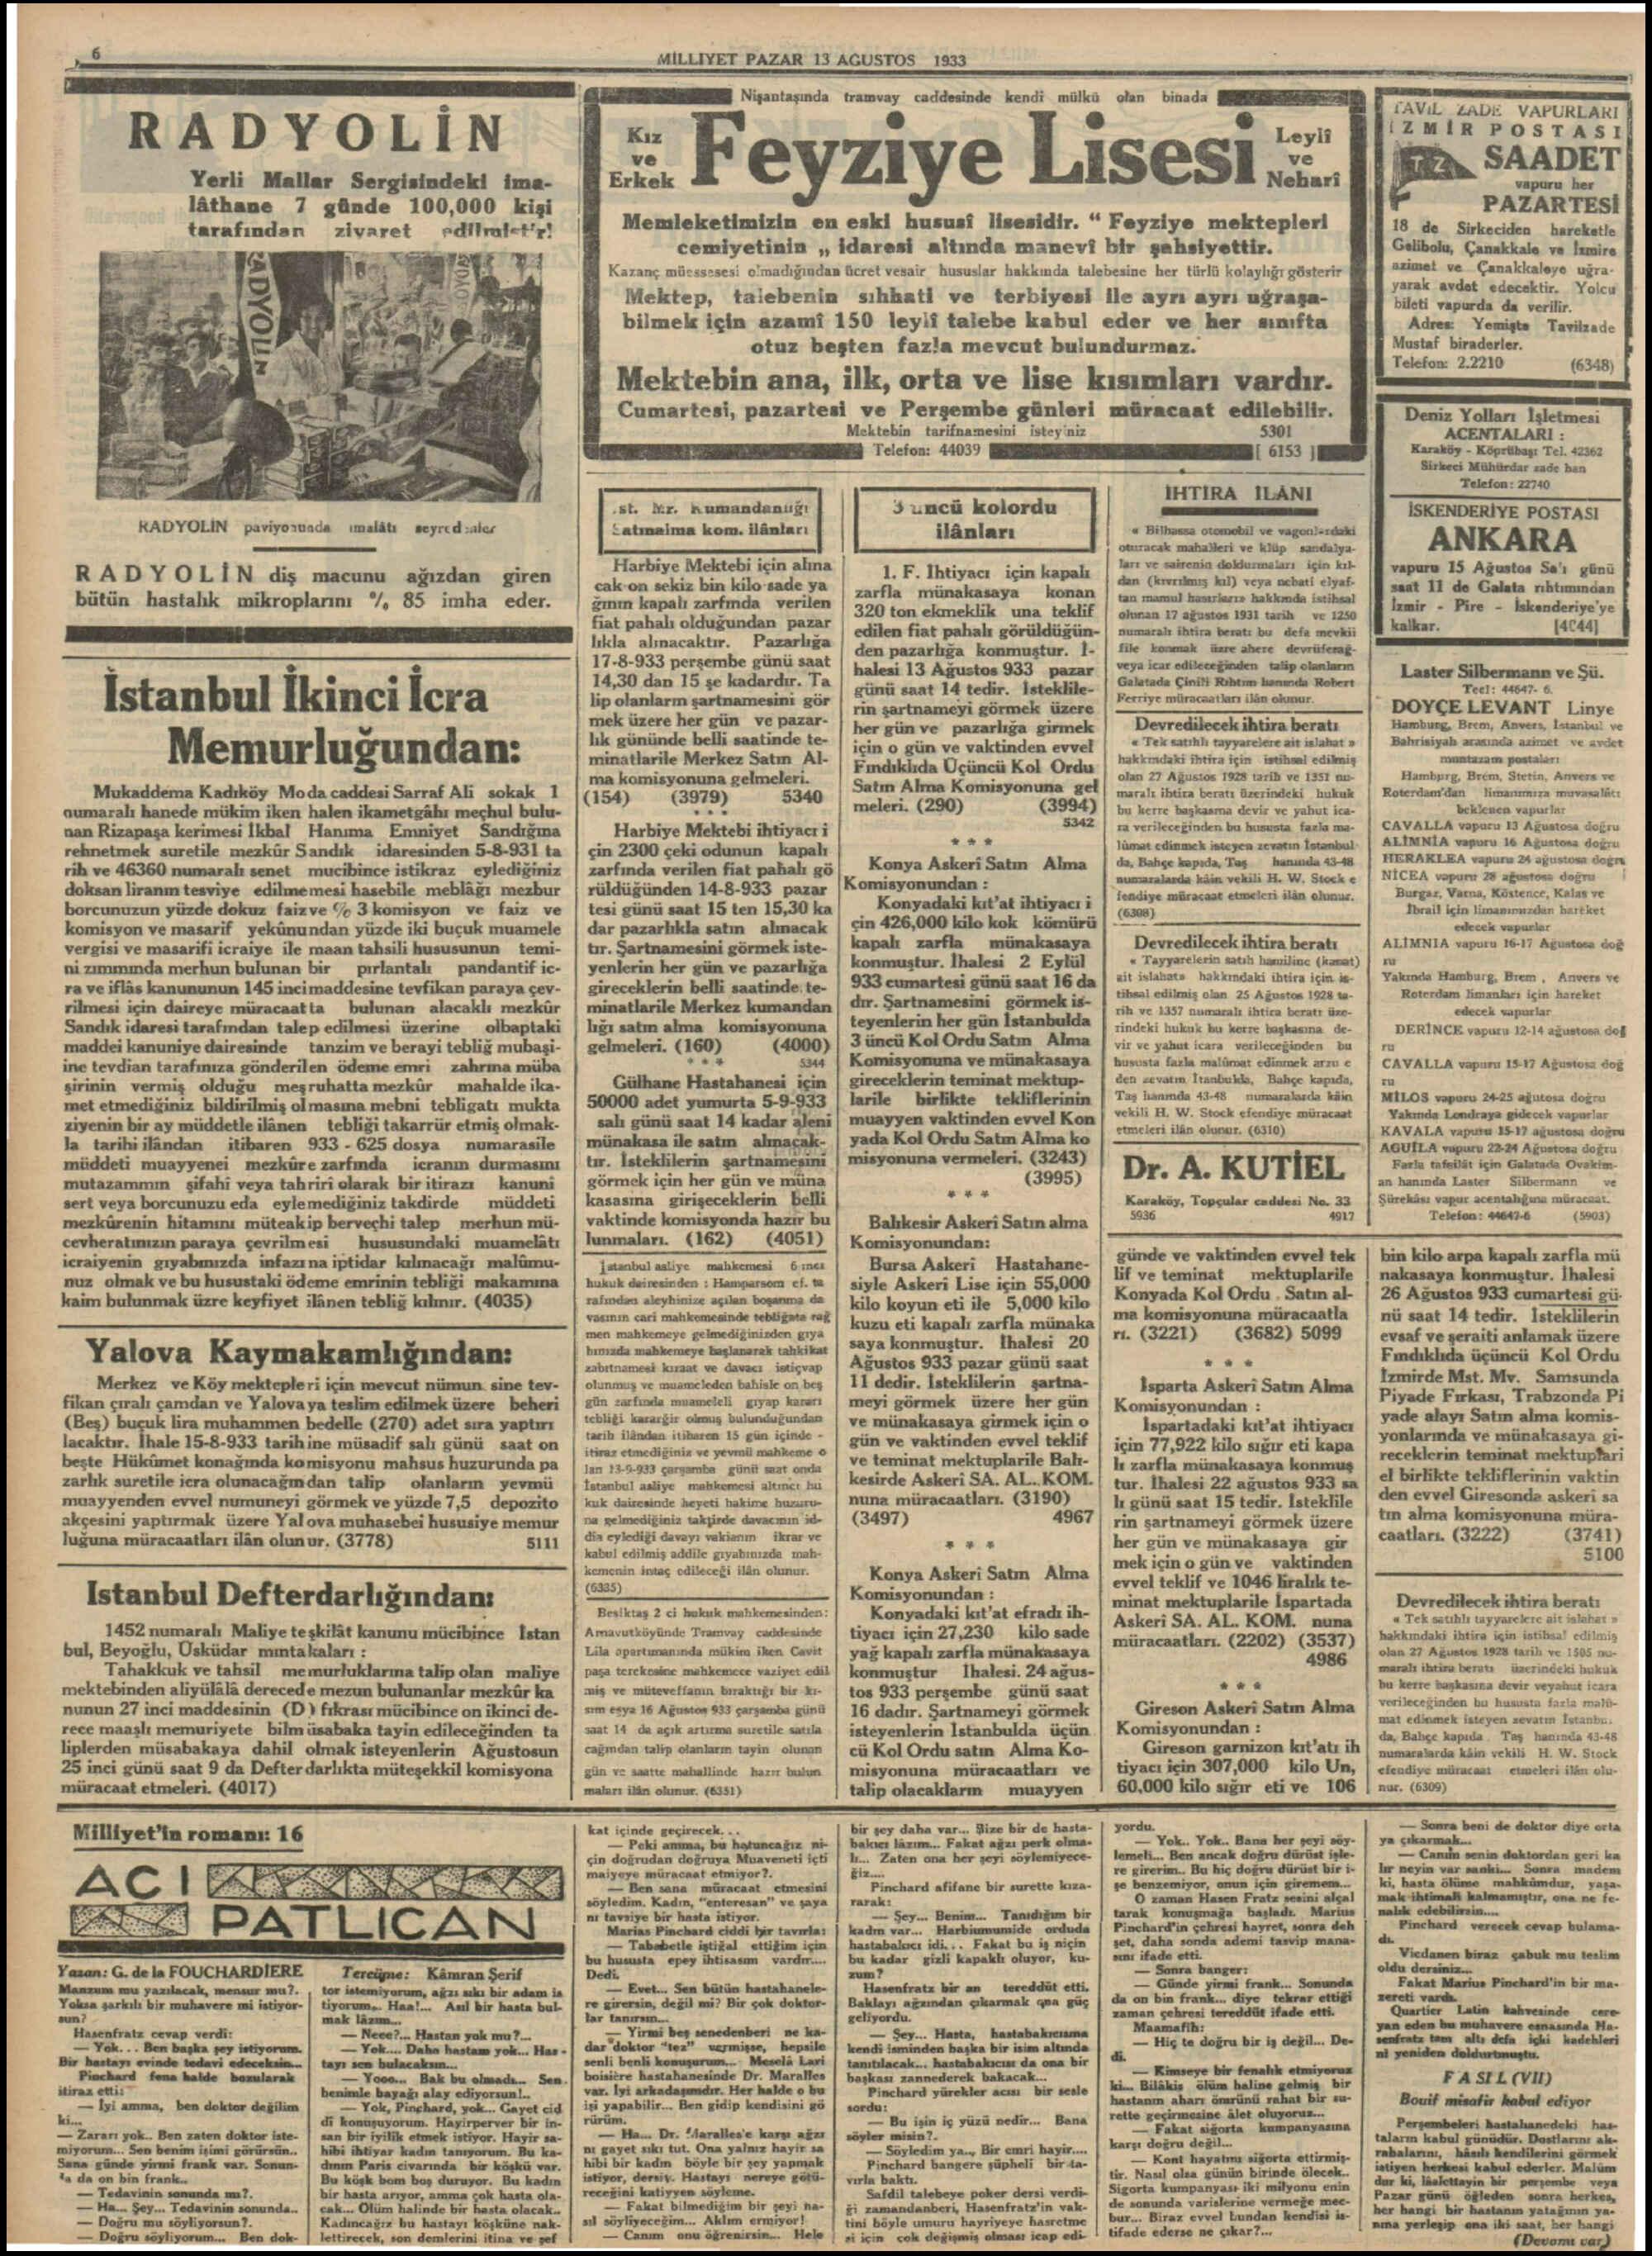 13 Ağustos 1933 Tarihli Milliyet Gazetesi Sayfa 6